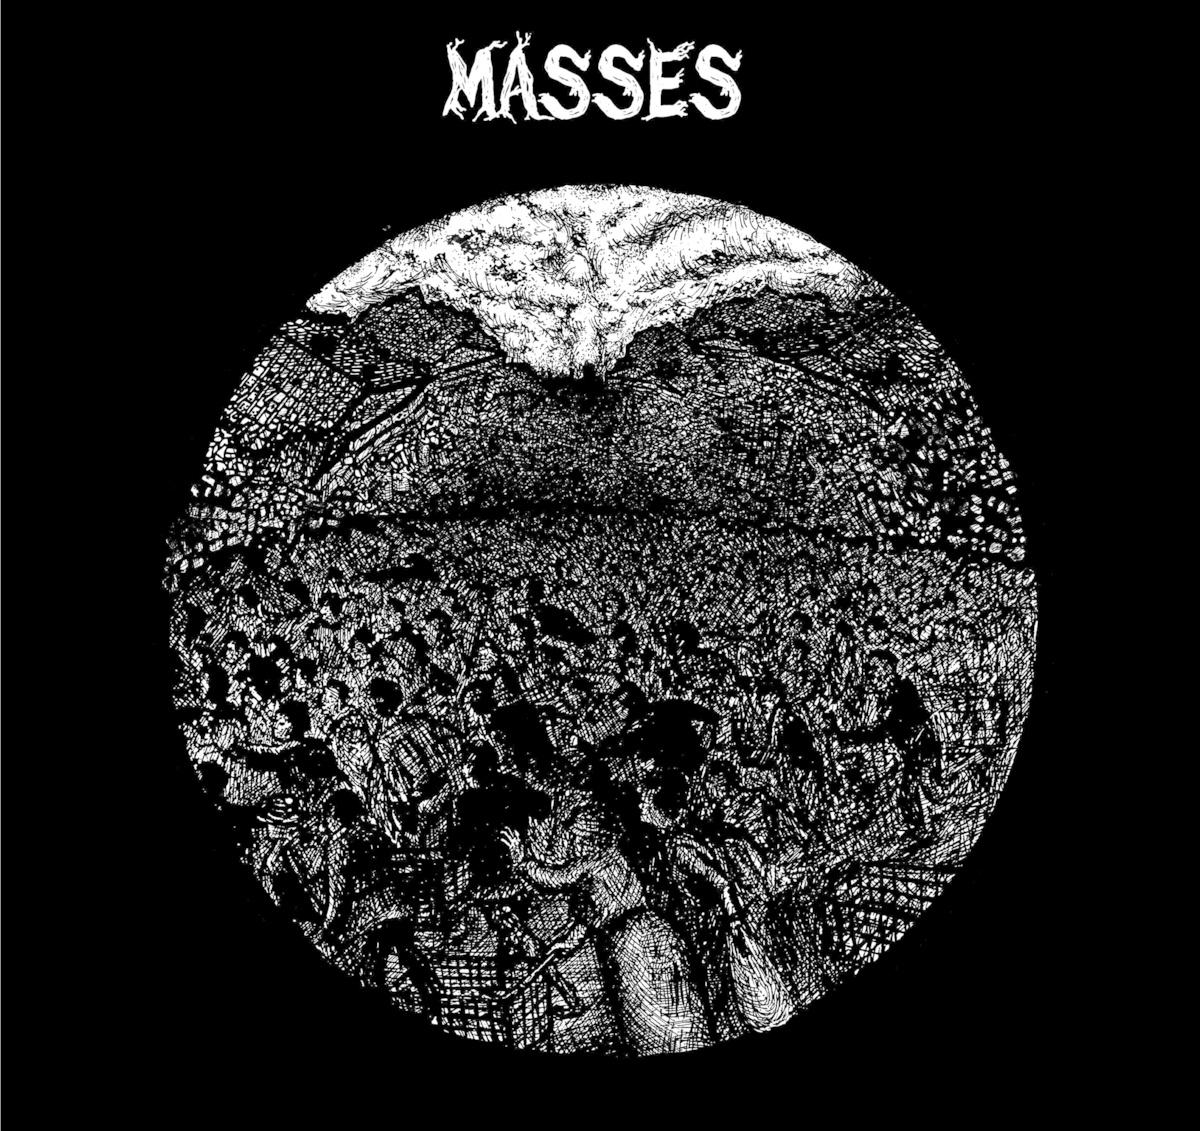 masses horde mentality